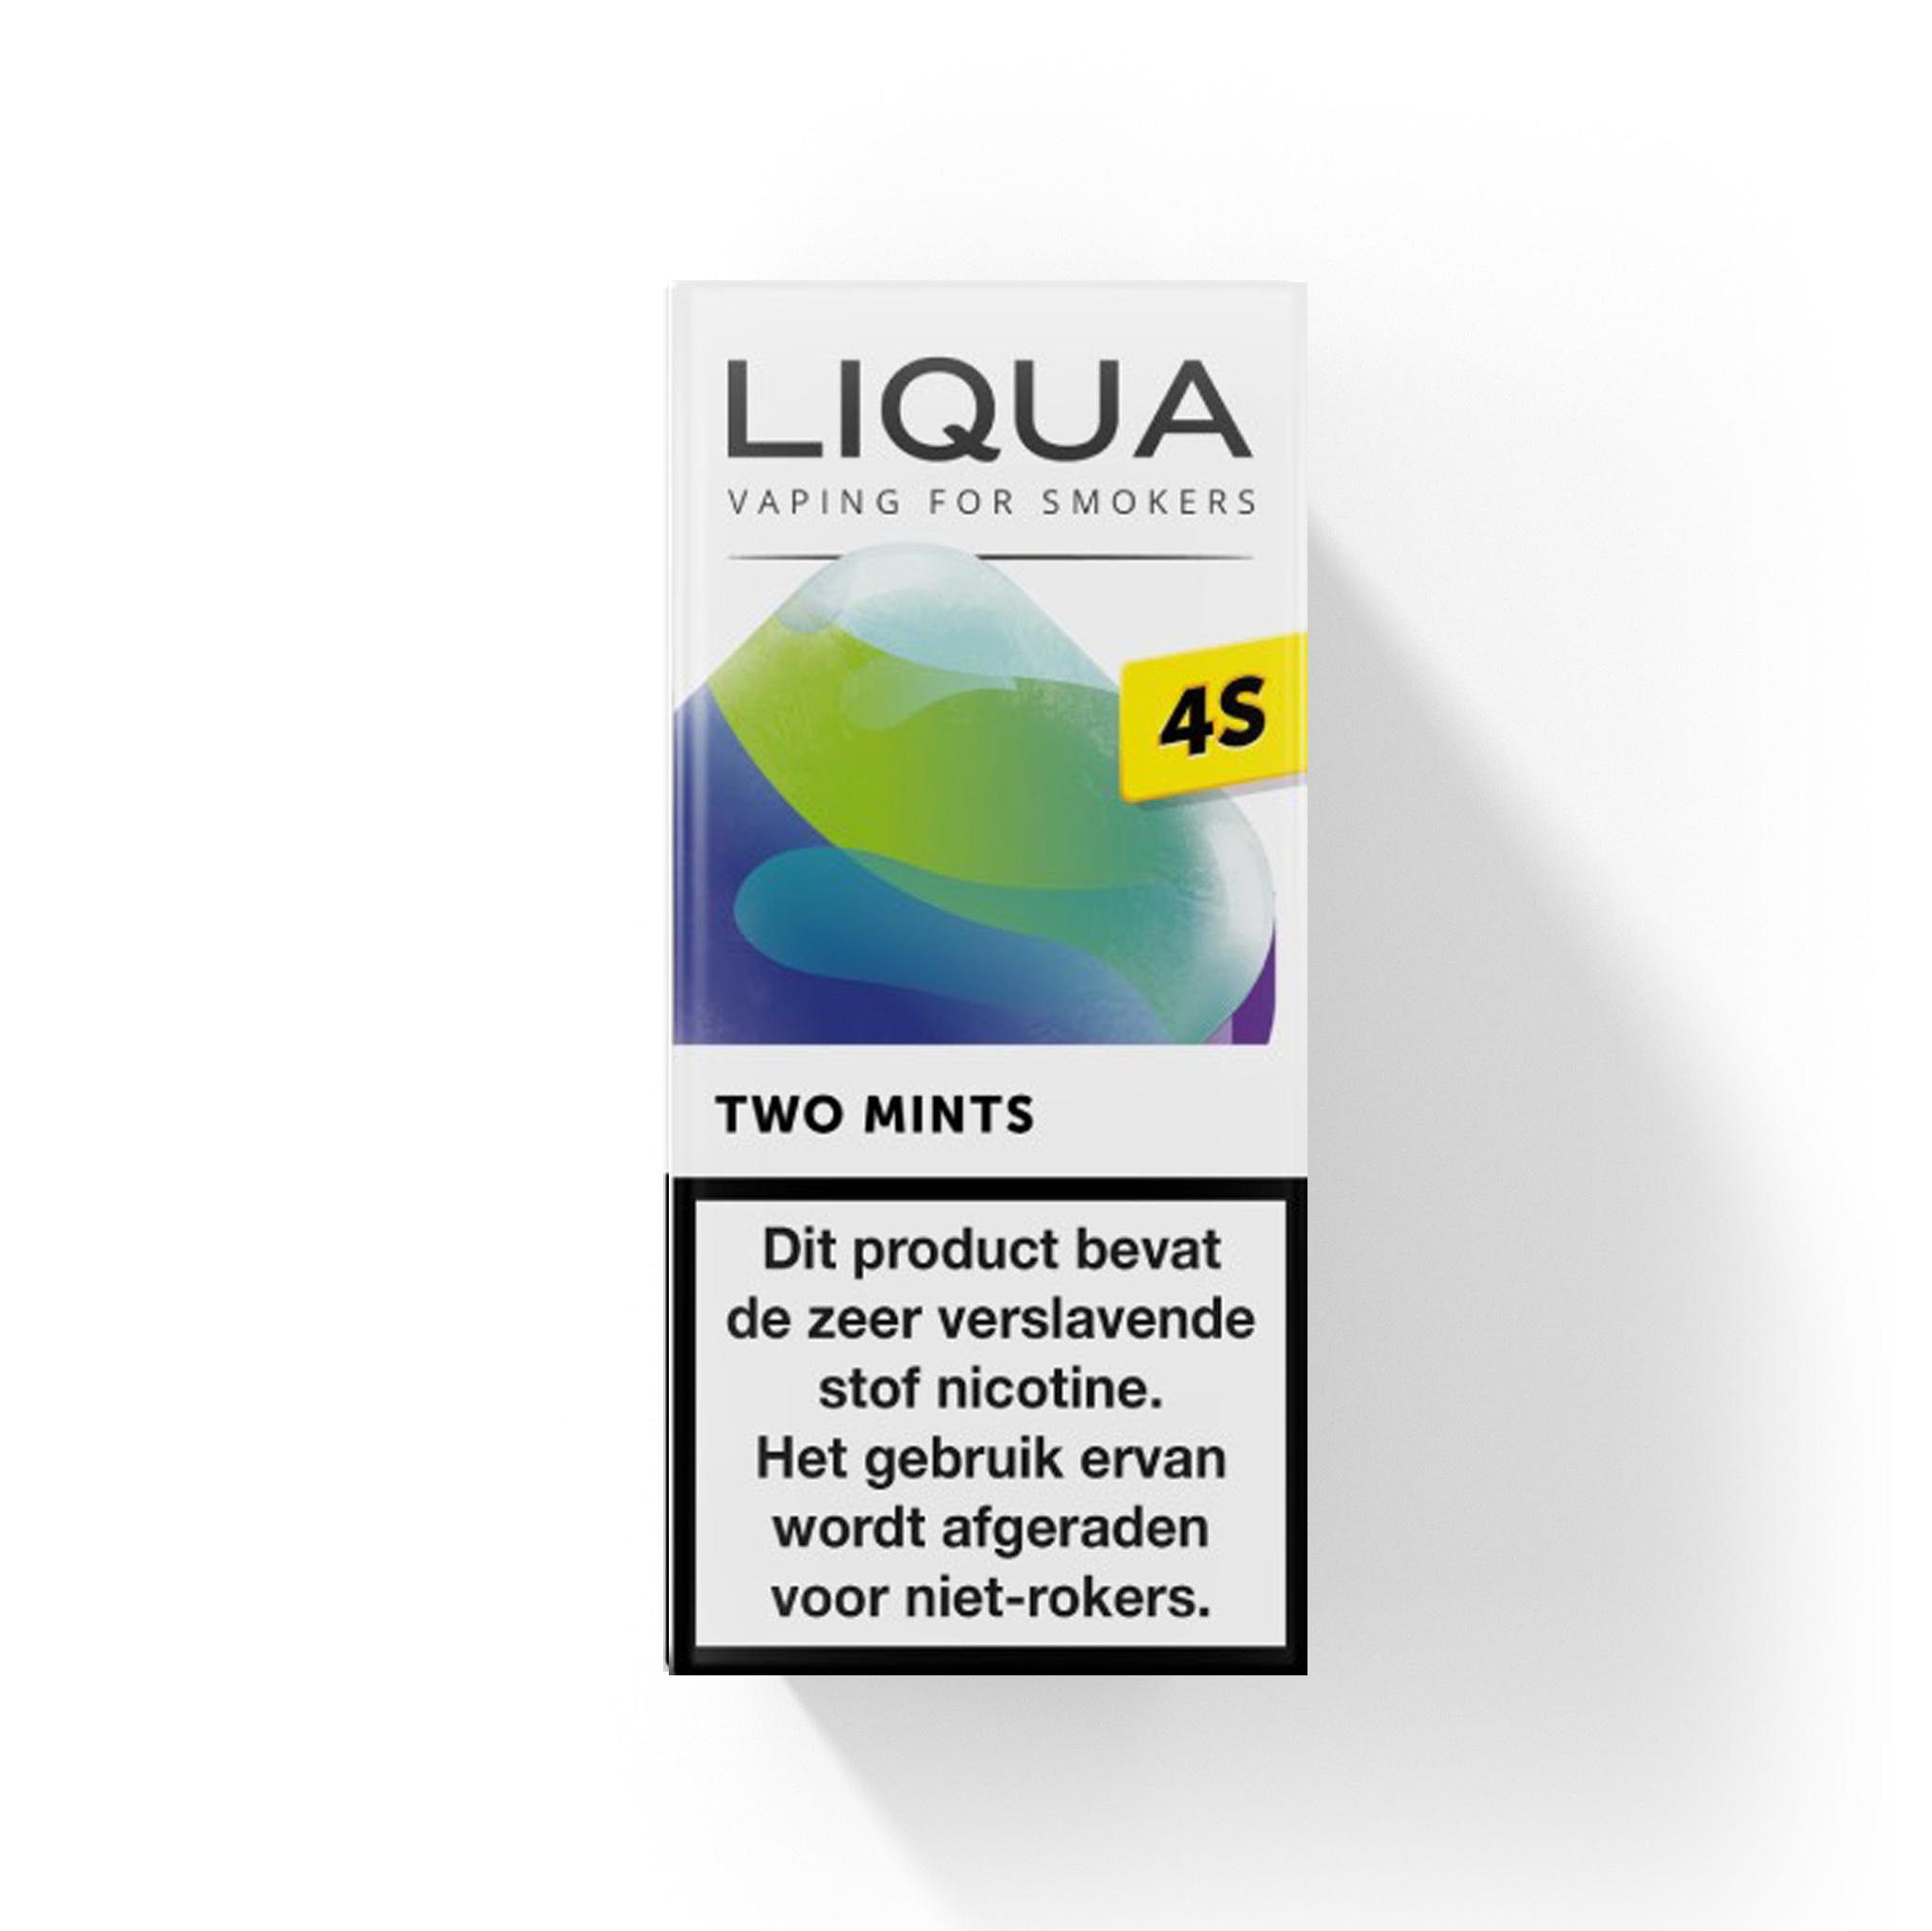 Liqua 4S - Two Mints